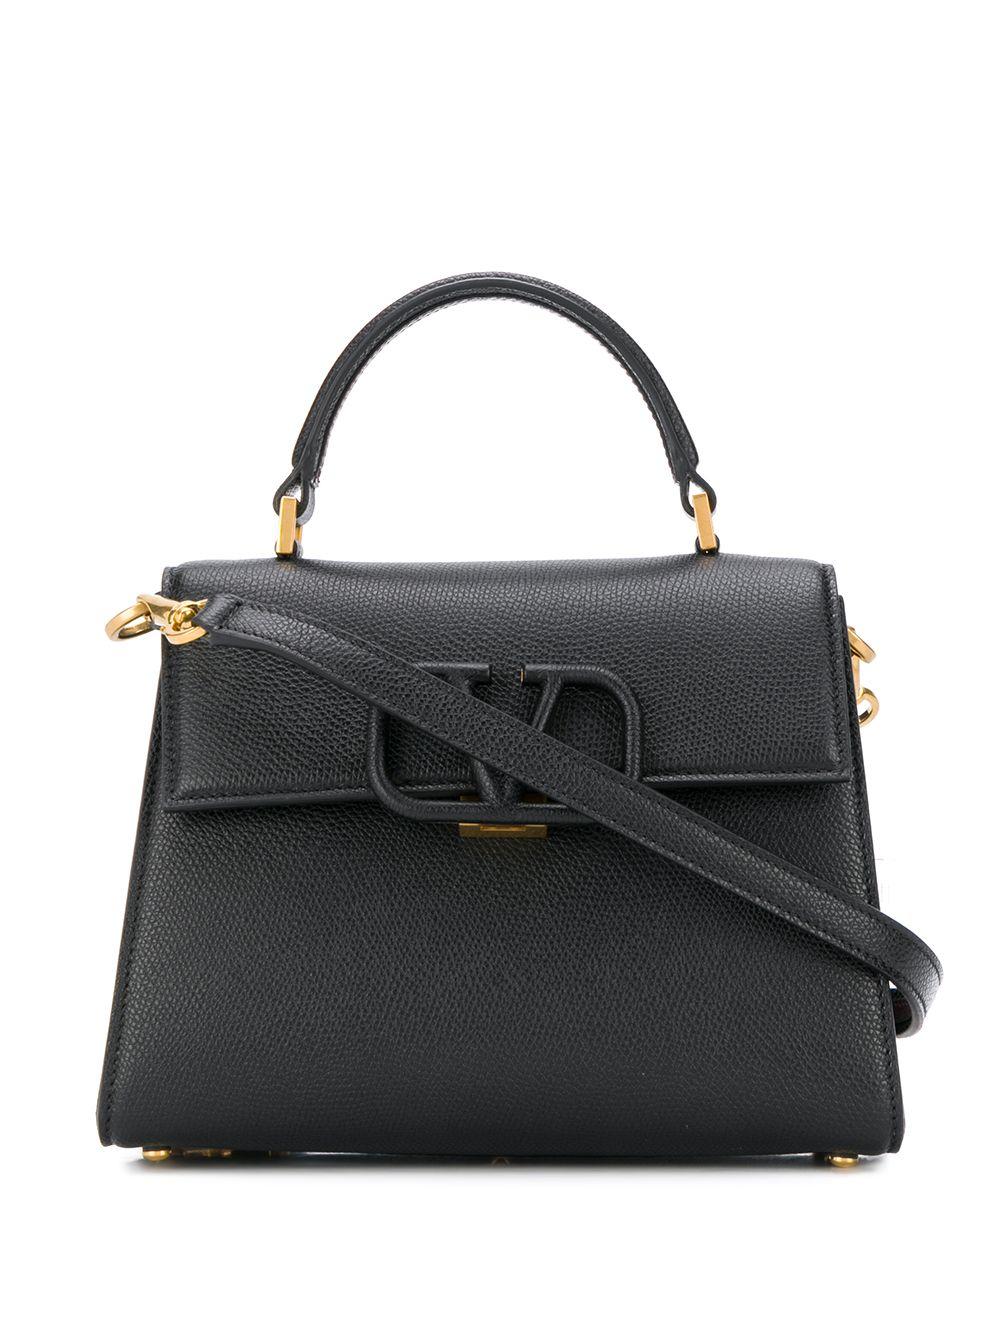 Vsling Small Leather Shoulder Bag